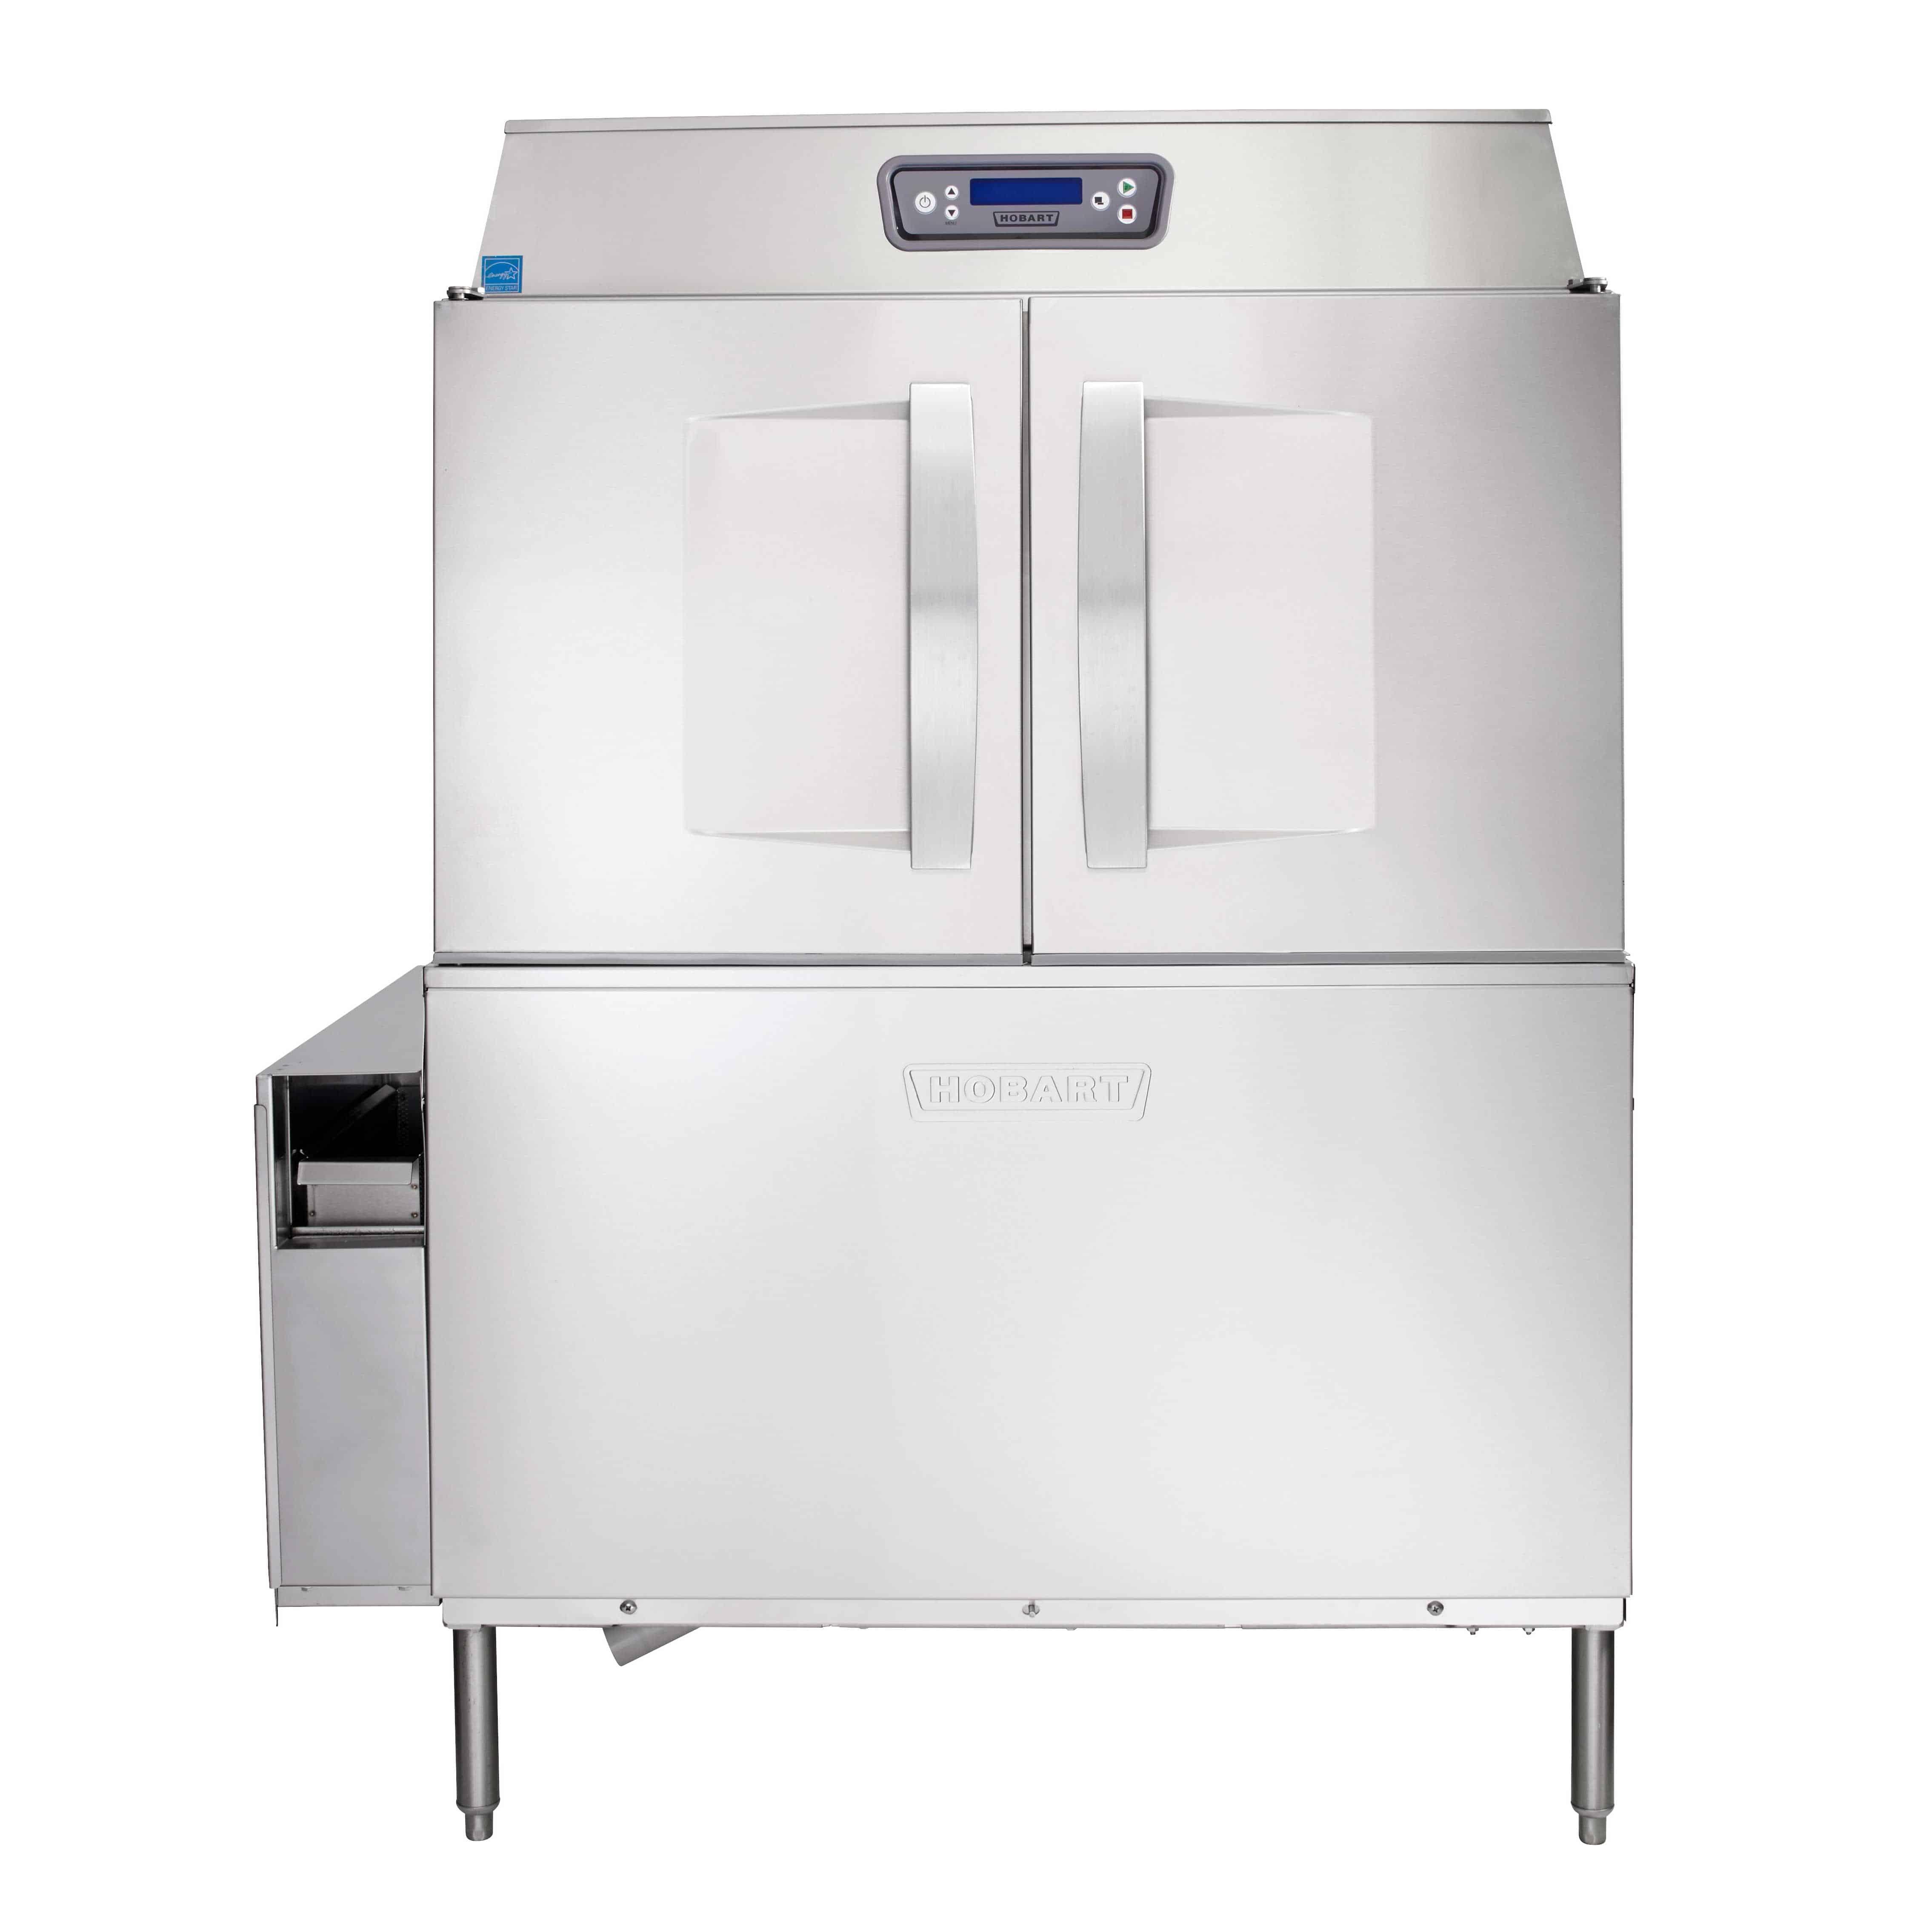 Industrial Kitchen Dishwasher: Hobart CL44EN-ADV+BUILDUP Conveyor Dishwasher